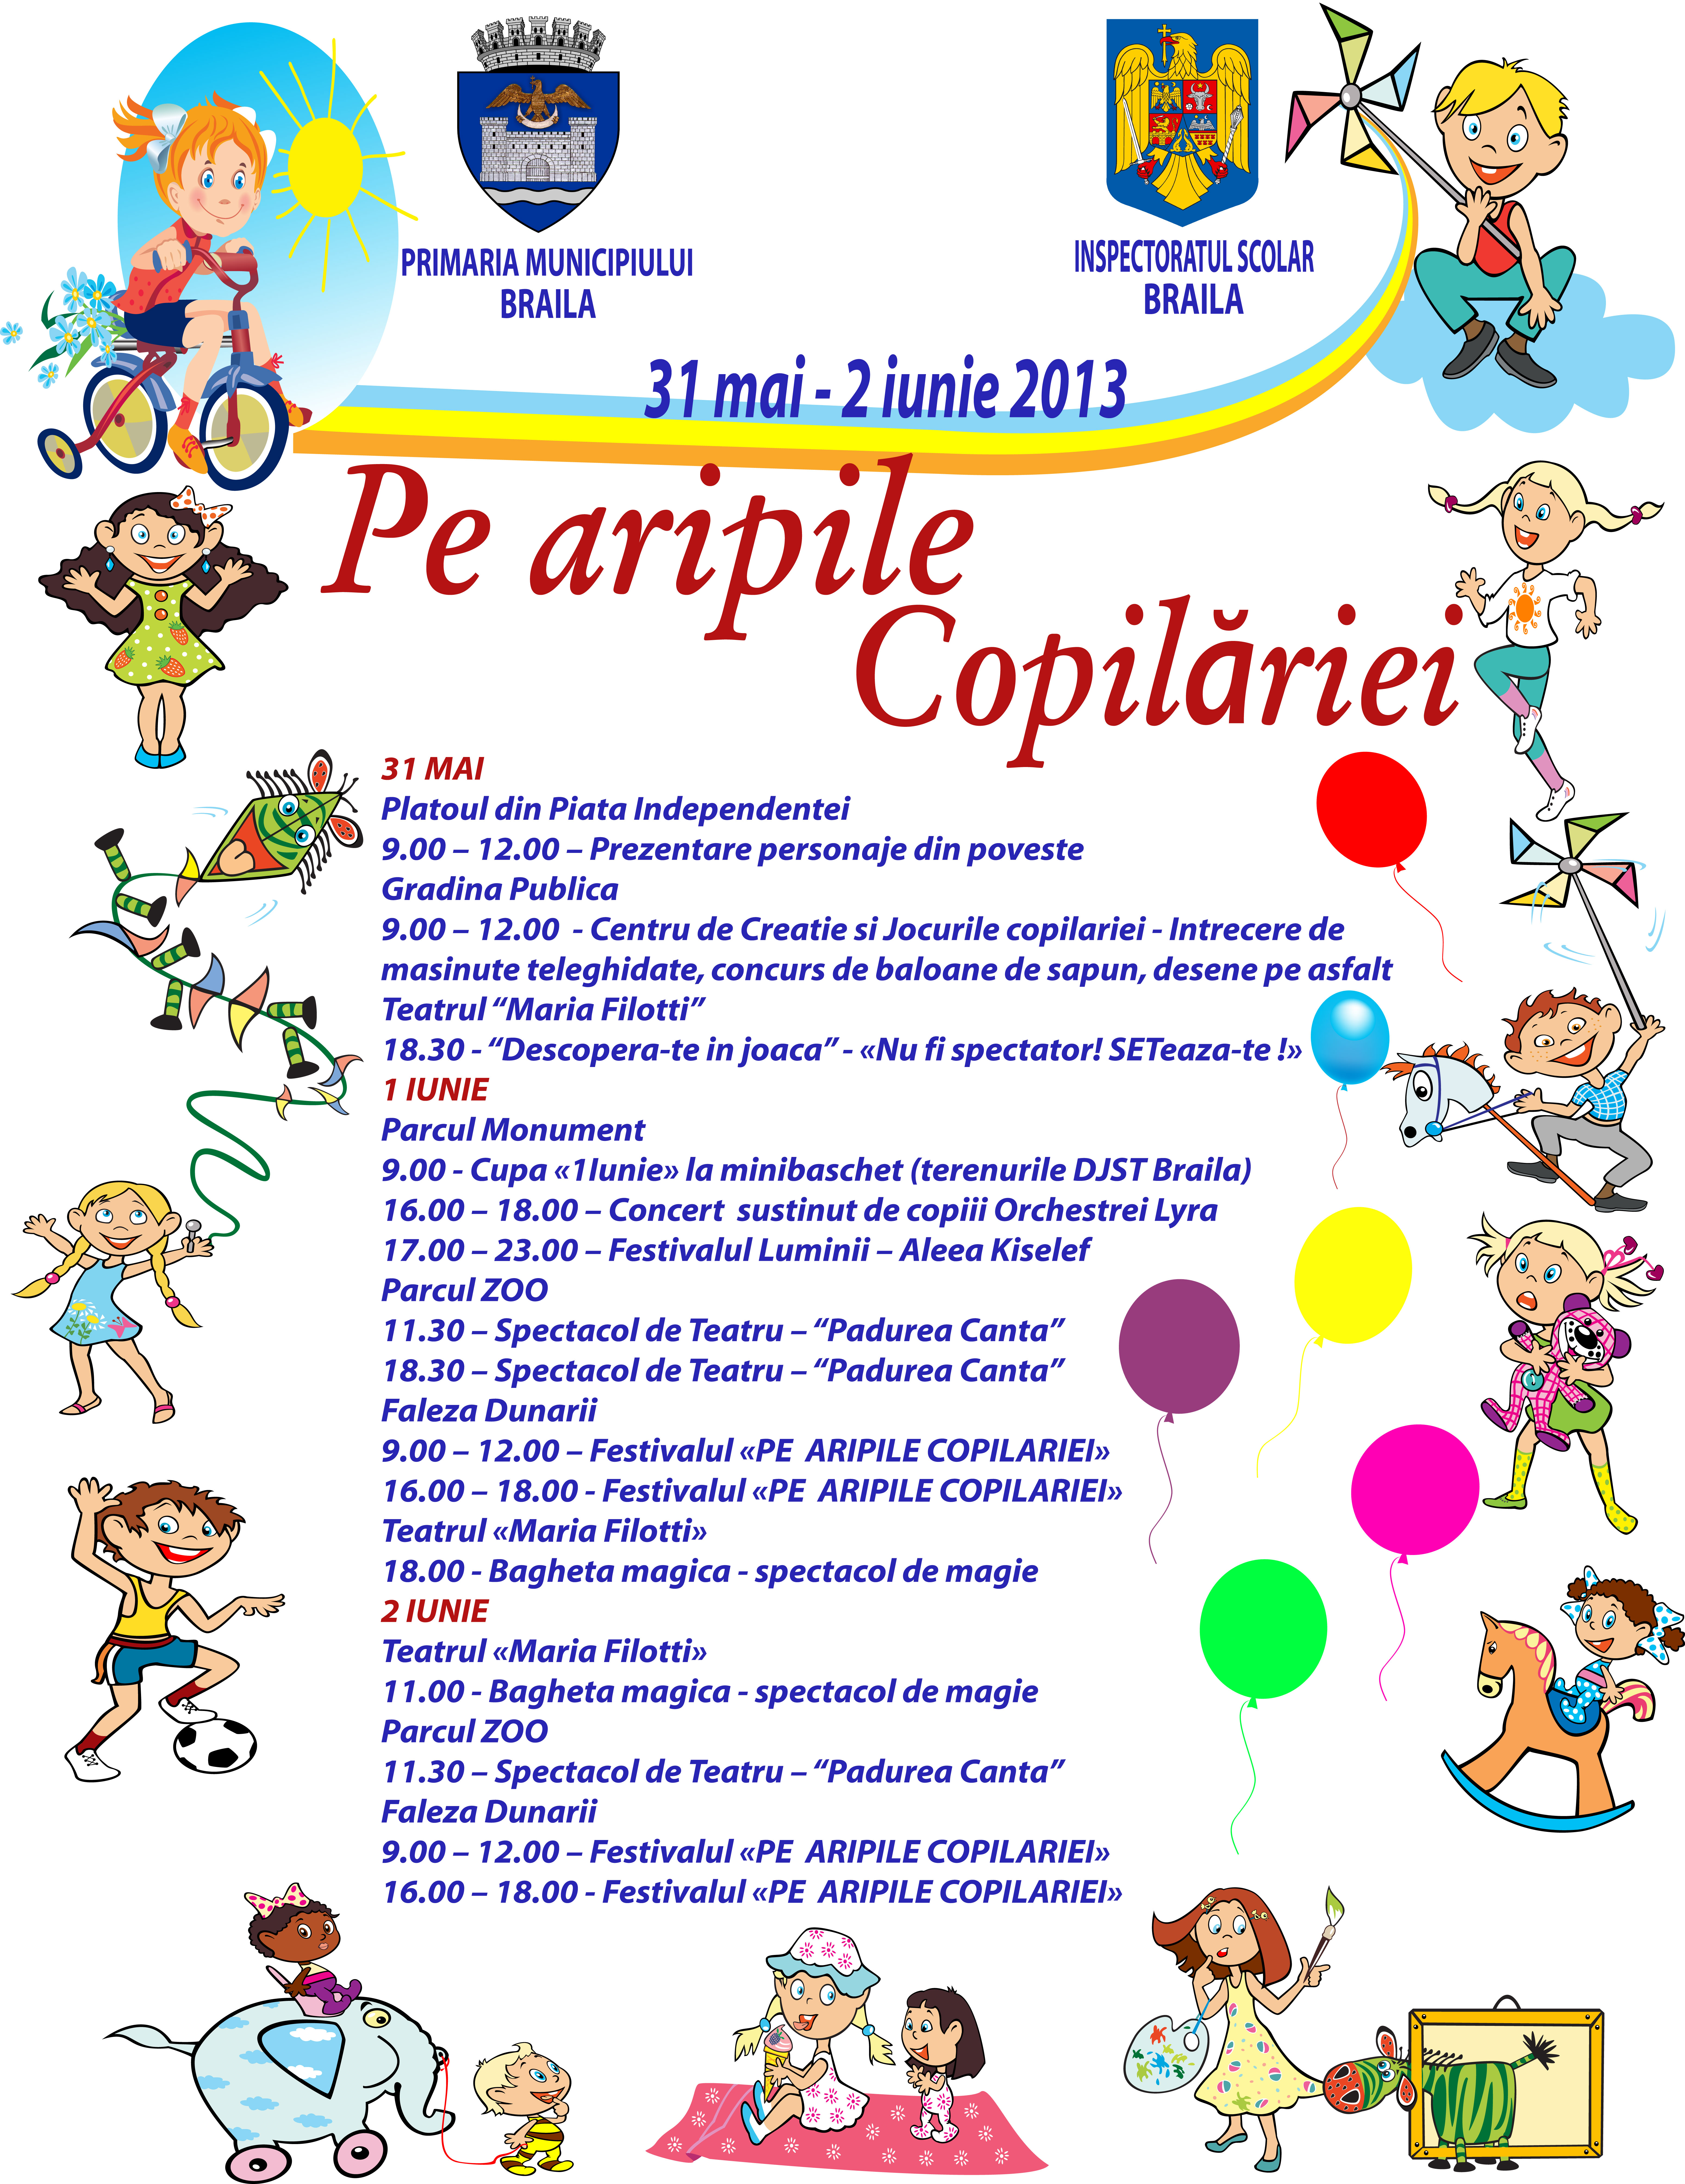 Ziua Copilului 1 Iunie 2013 Evenimente La Braila Braila Chirei